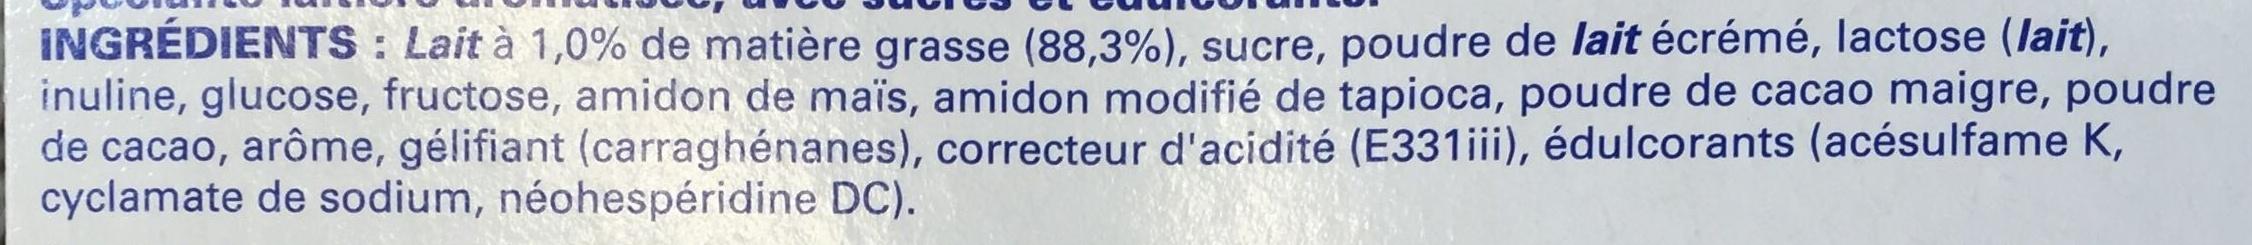 Ferme & Fondant Saveur Praliné Façon Rocher - Ingrediënten